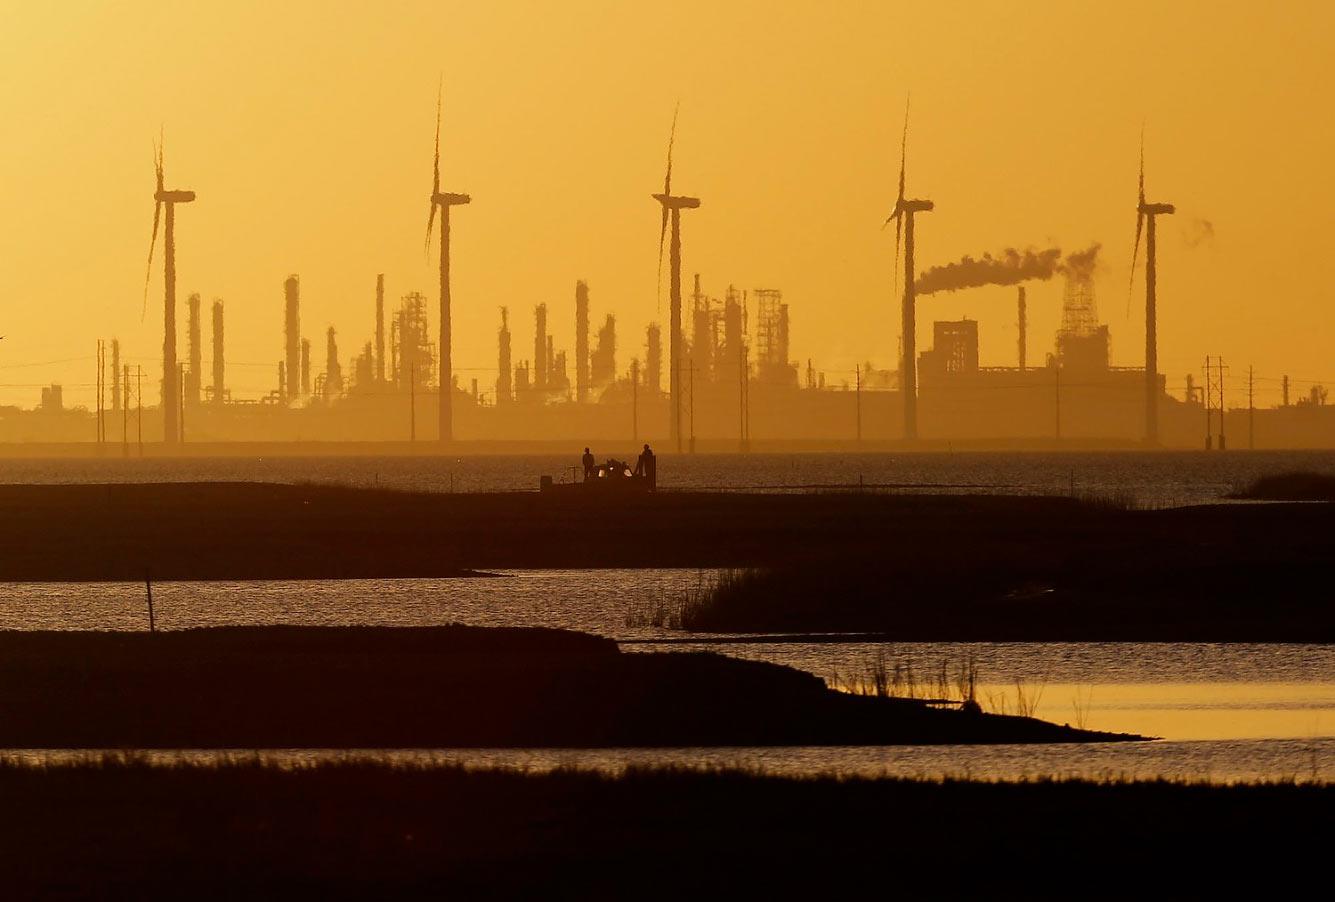 Нефтеперерабатывающий завод в Корпус-Кристи